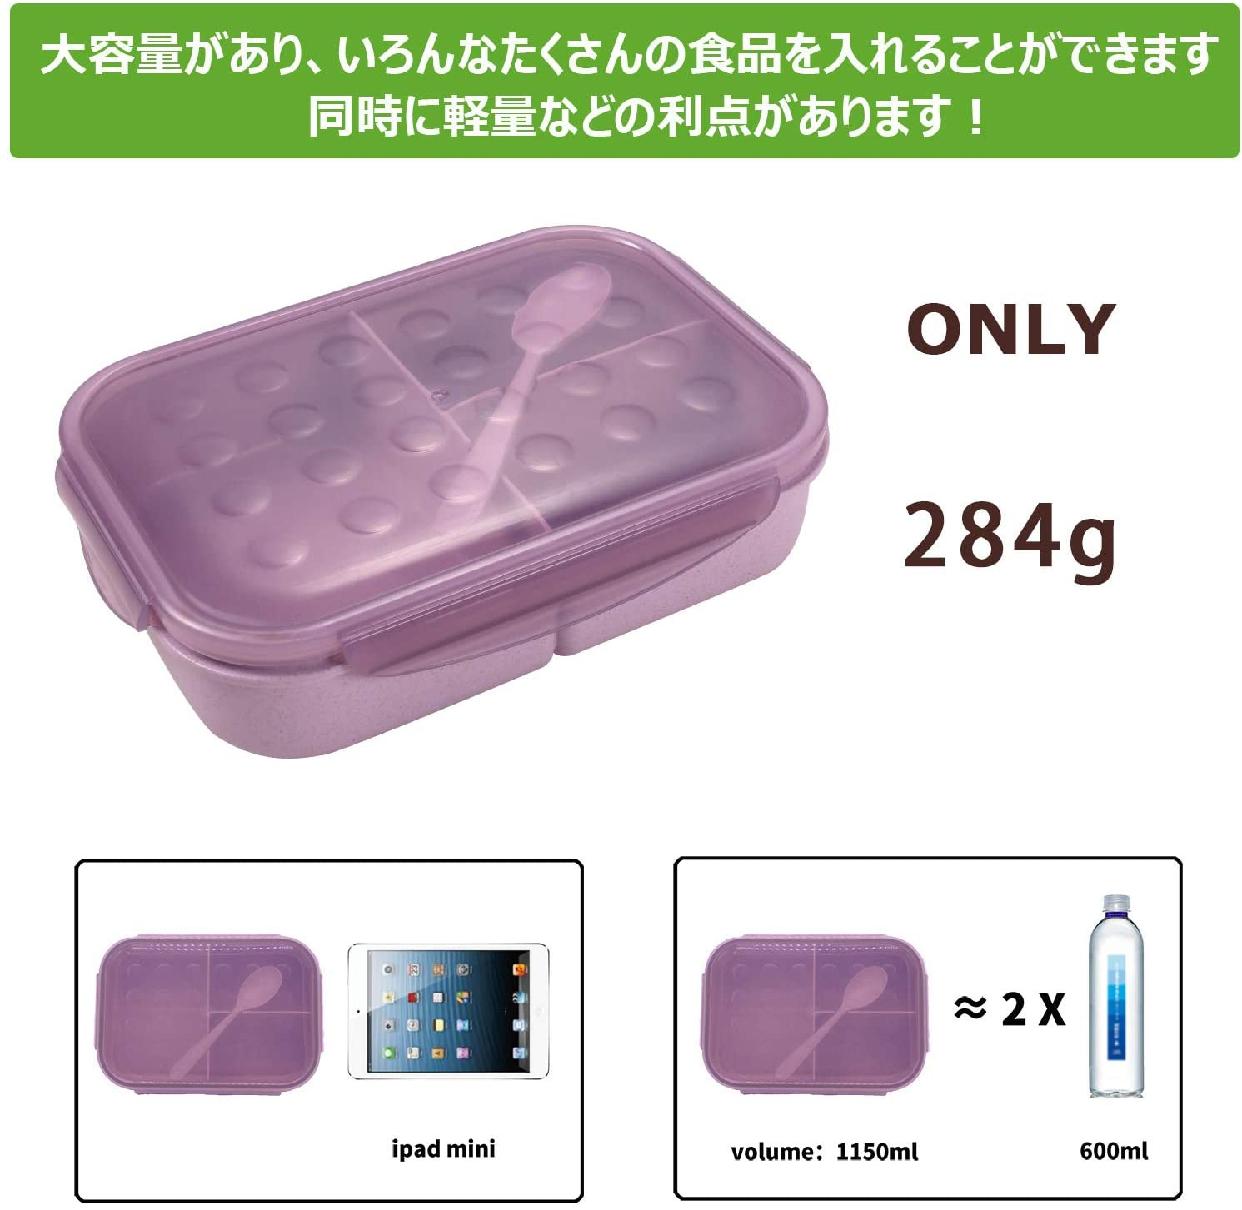 Jeopace(ジェオパス) 弁当箱の商品画像5